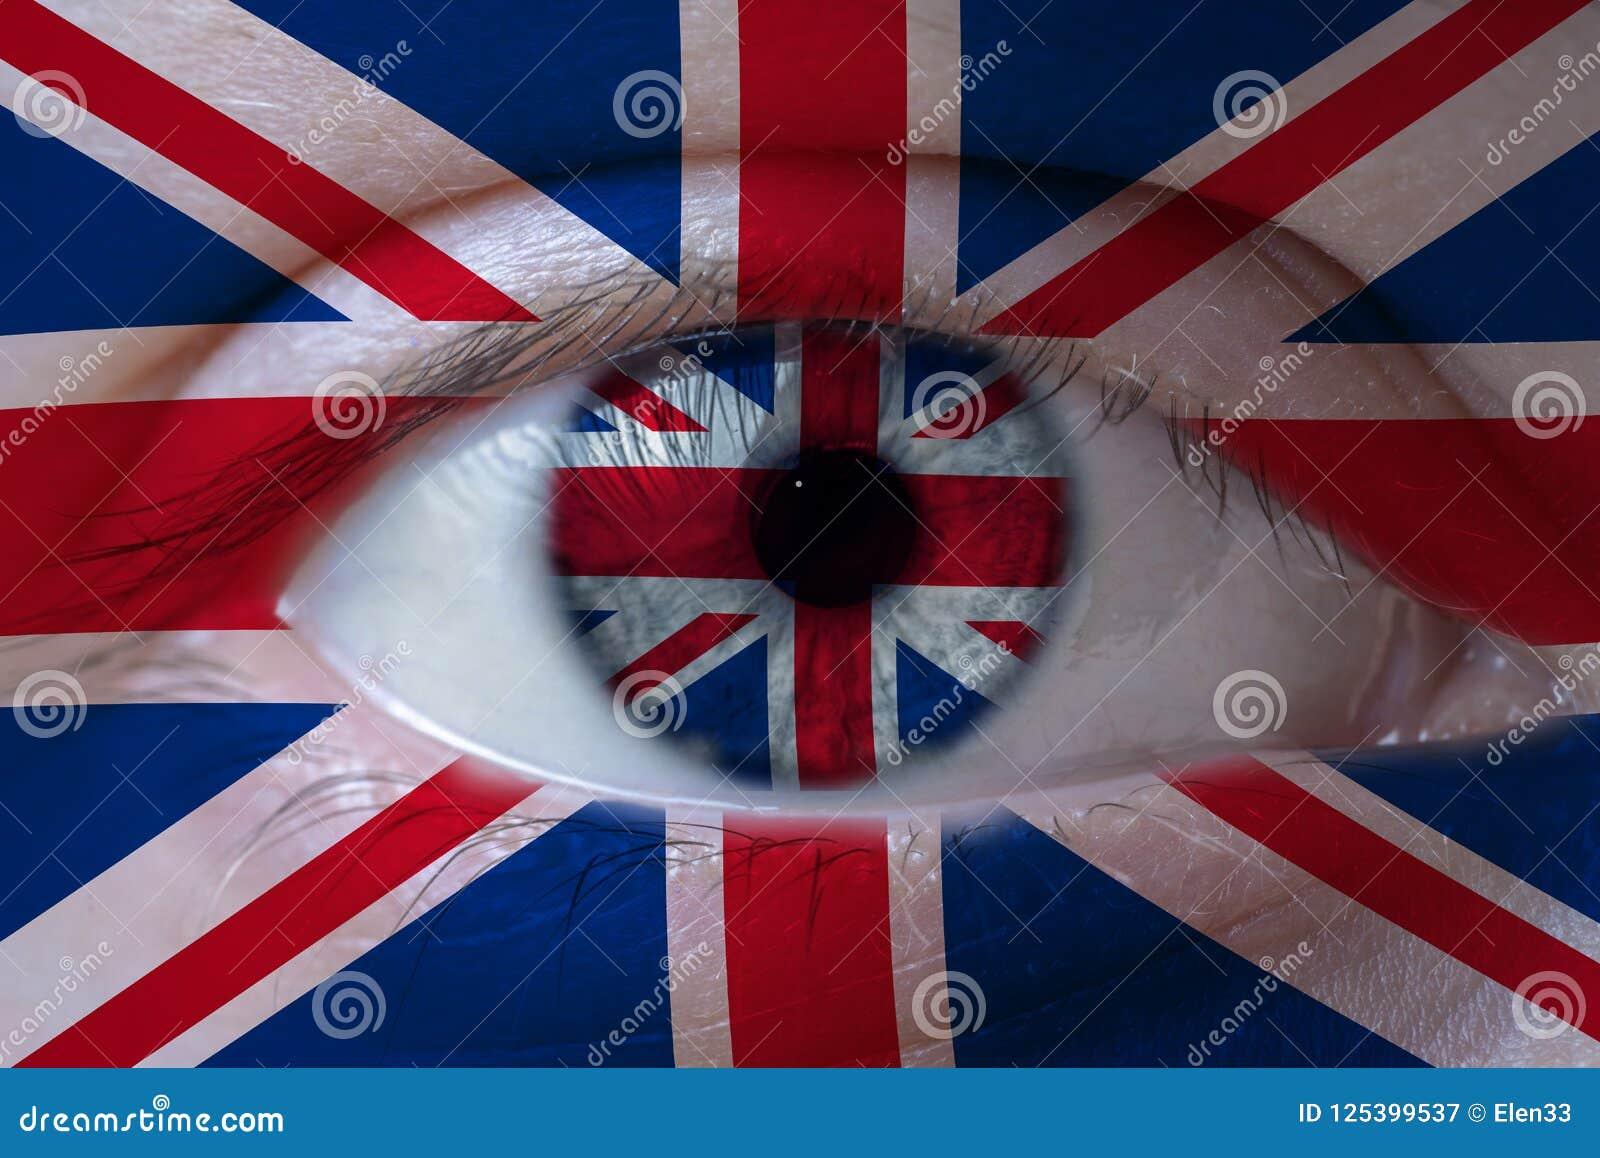 Rosto humano pintado com a bandeira de Reino Unido